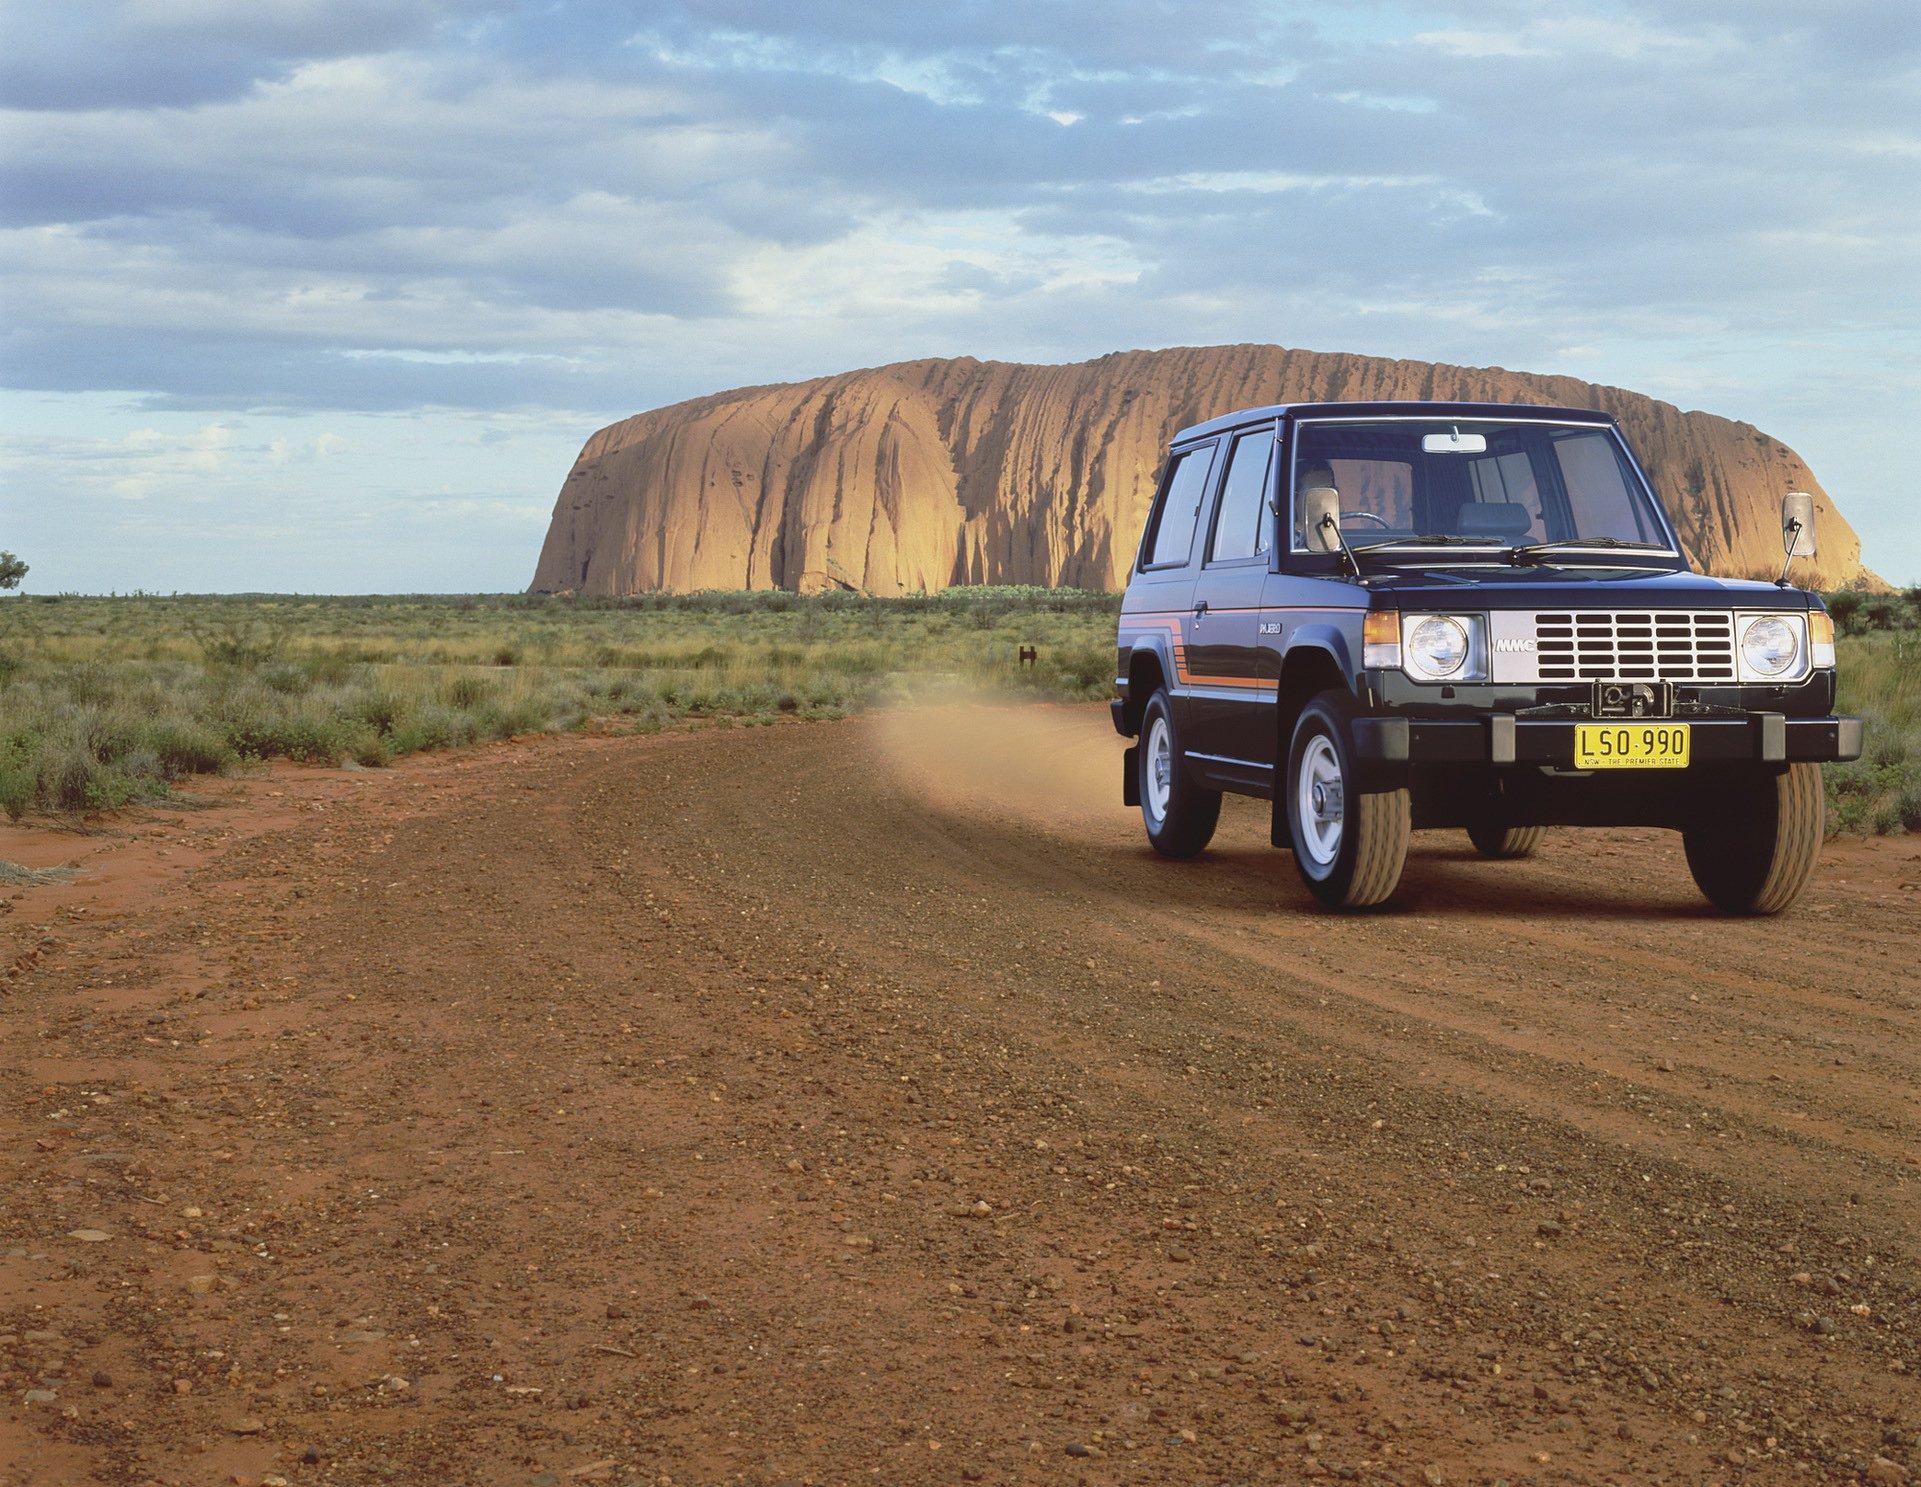 Mitsubishi giới thiệu Pajero Final Edition phiên bản cuối cùng, giới hạn 700 chiếc 3